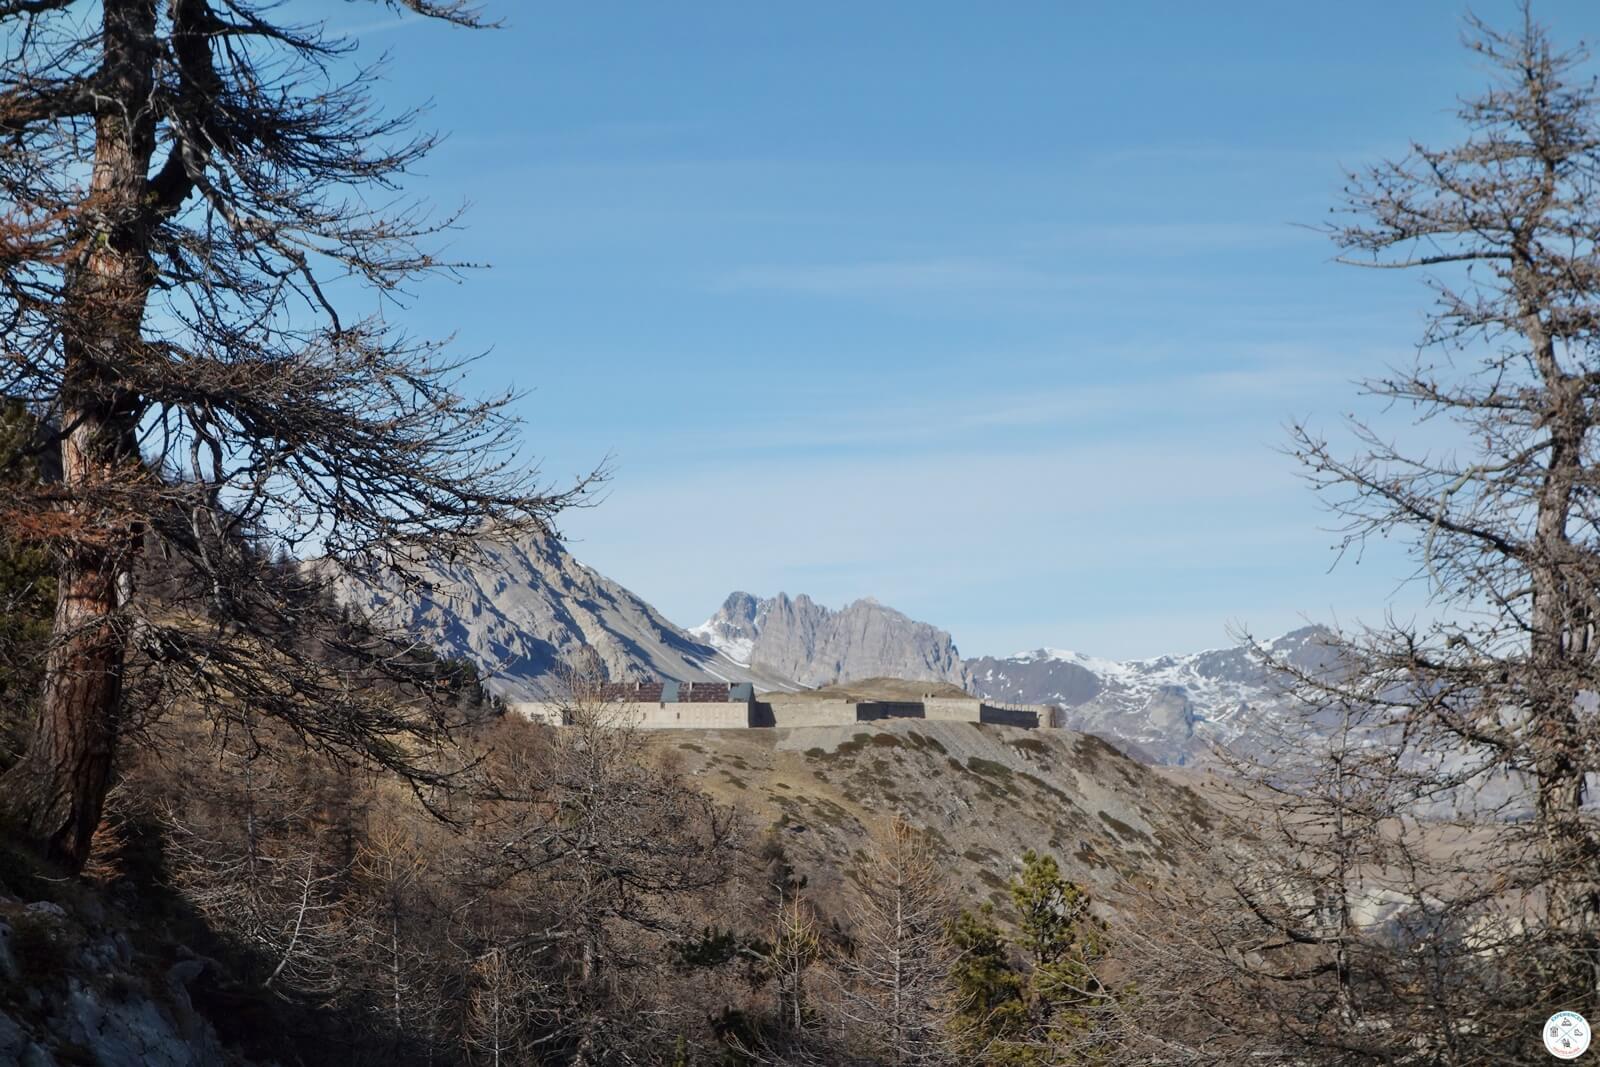 Randonnée Fort Olive Vallée Clarée Hautes Alpes